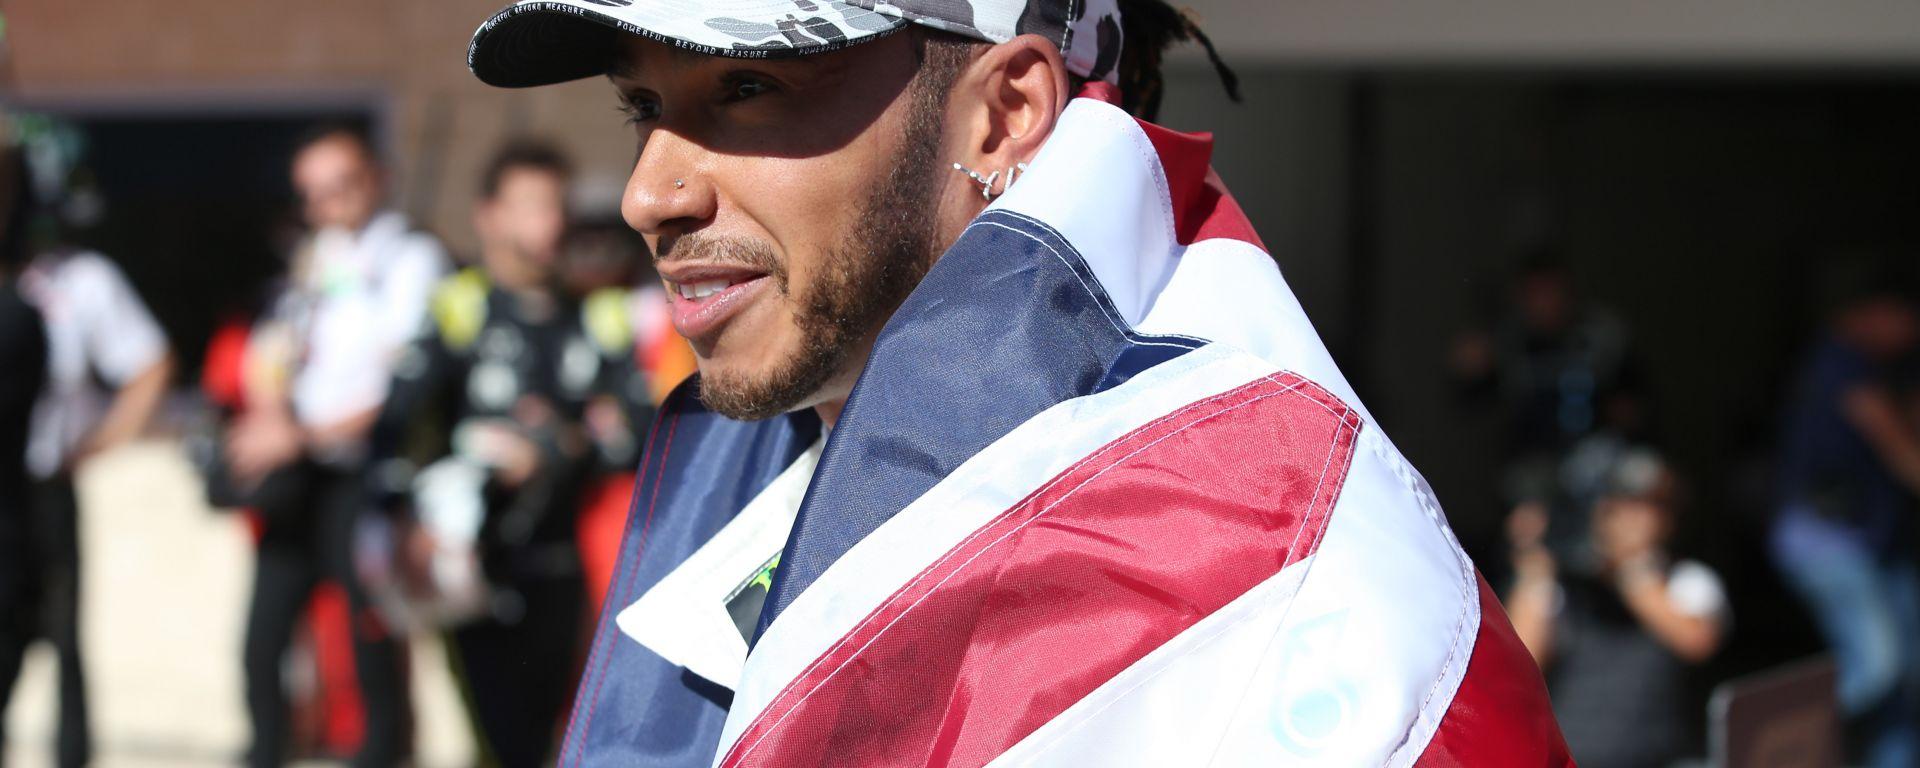 F1 2019, Lewis Hamilton (Mercedes) festeggia dopo la conquista del titolo mondiale ad Austin